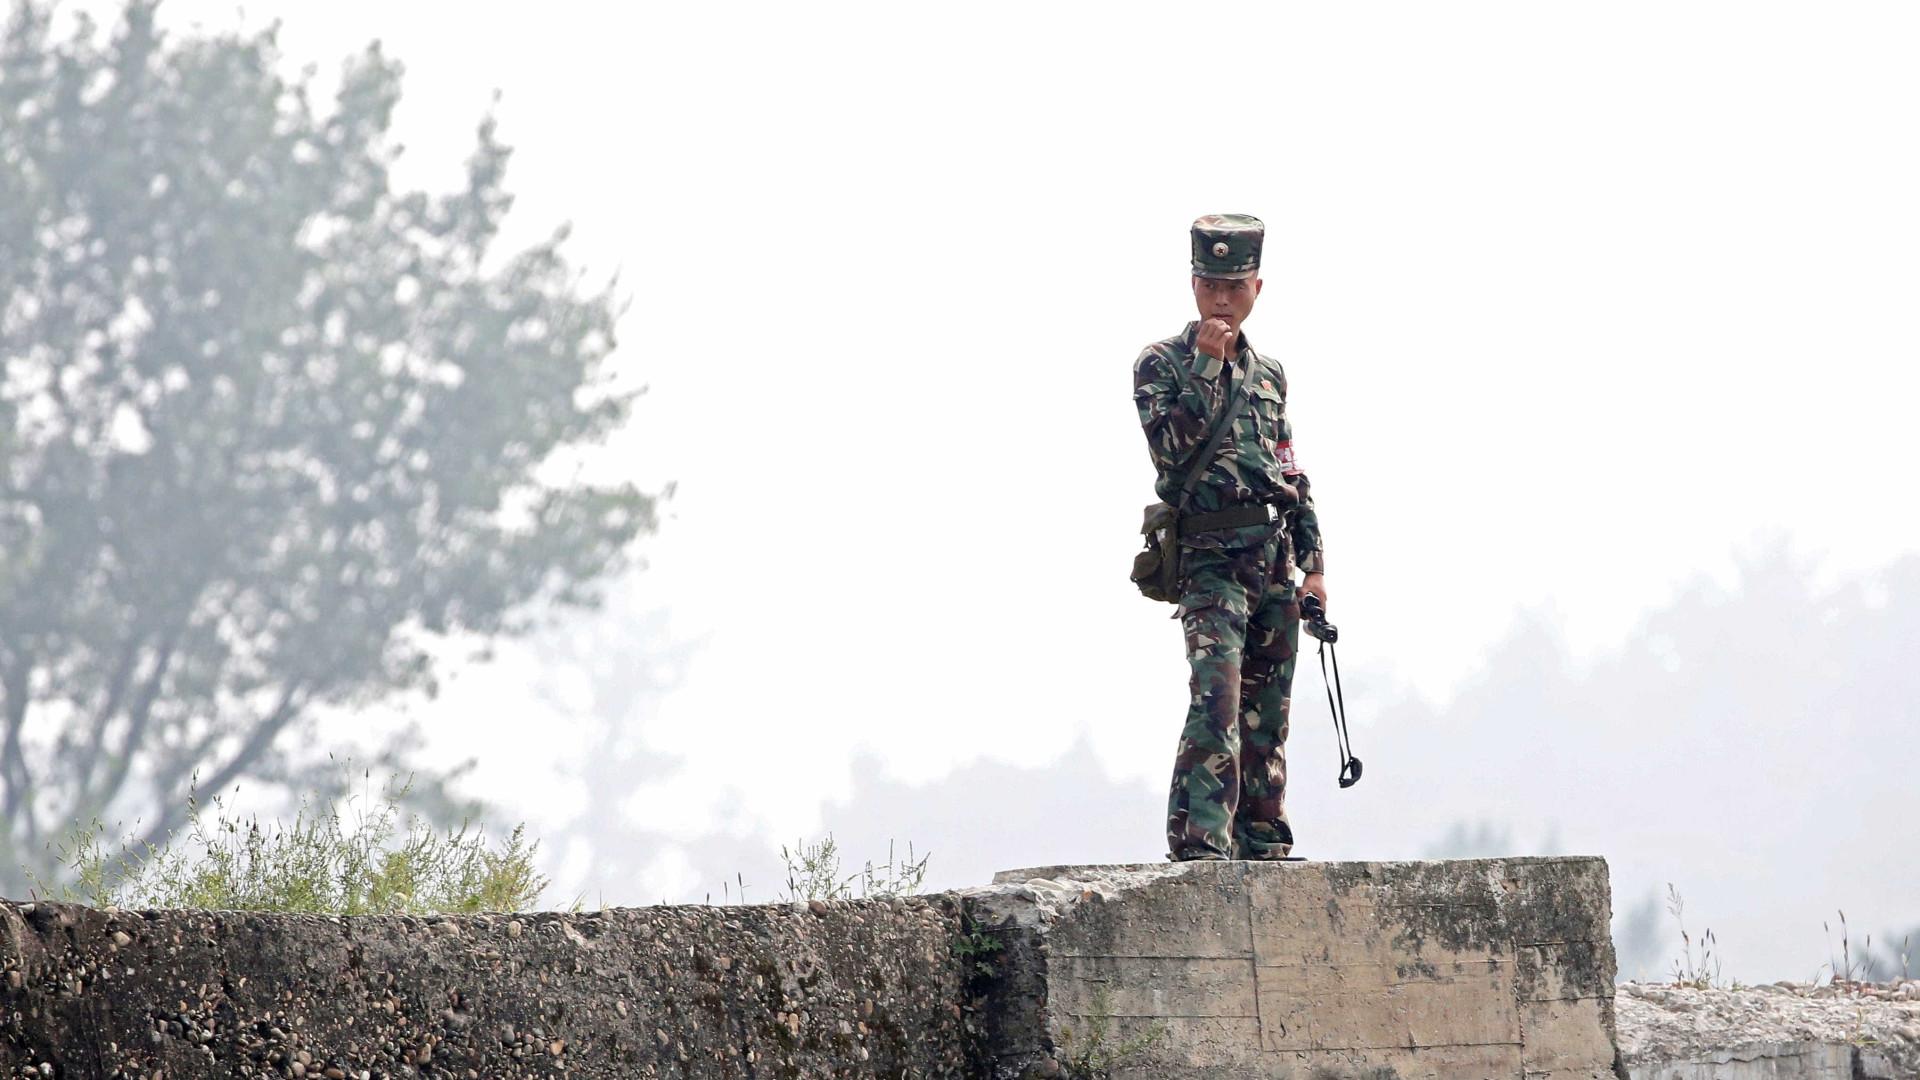 Feridas de soldado que fugiu dão pistas sobre vida na Coreia do Norte